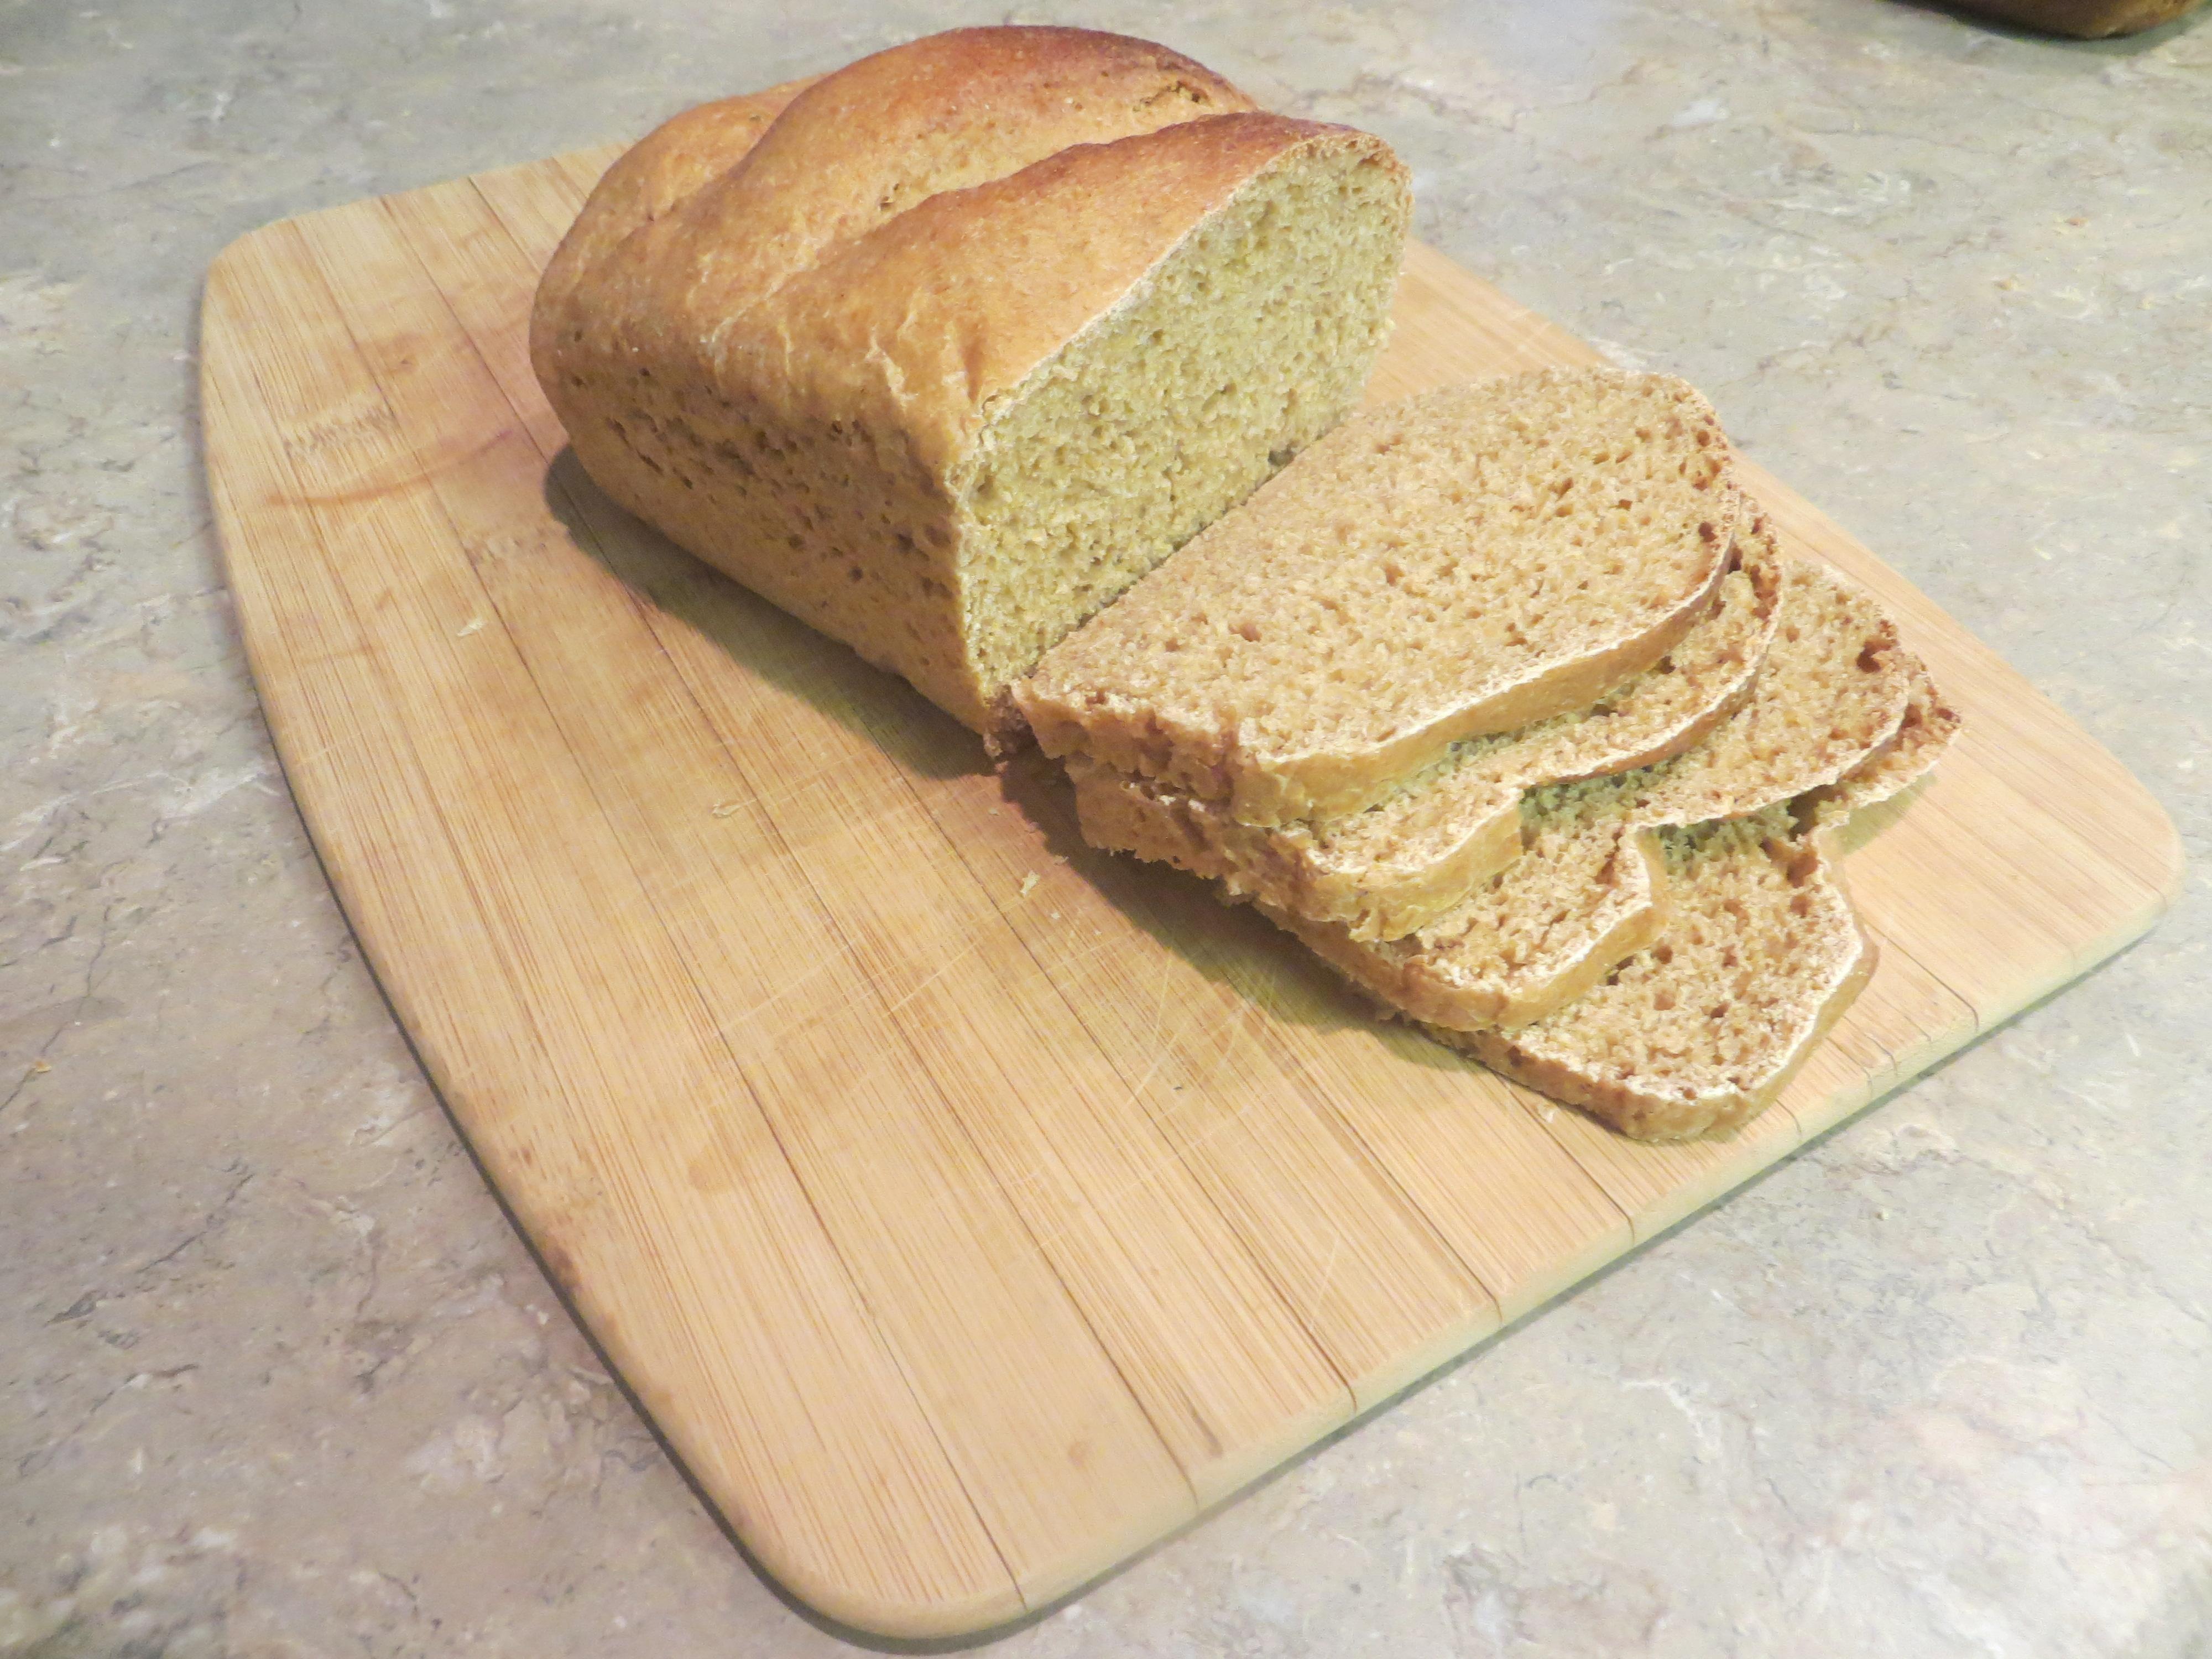 Sourdough bread in a bread maker. Unleavened bread in the bread maker 34